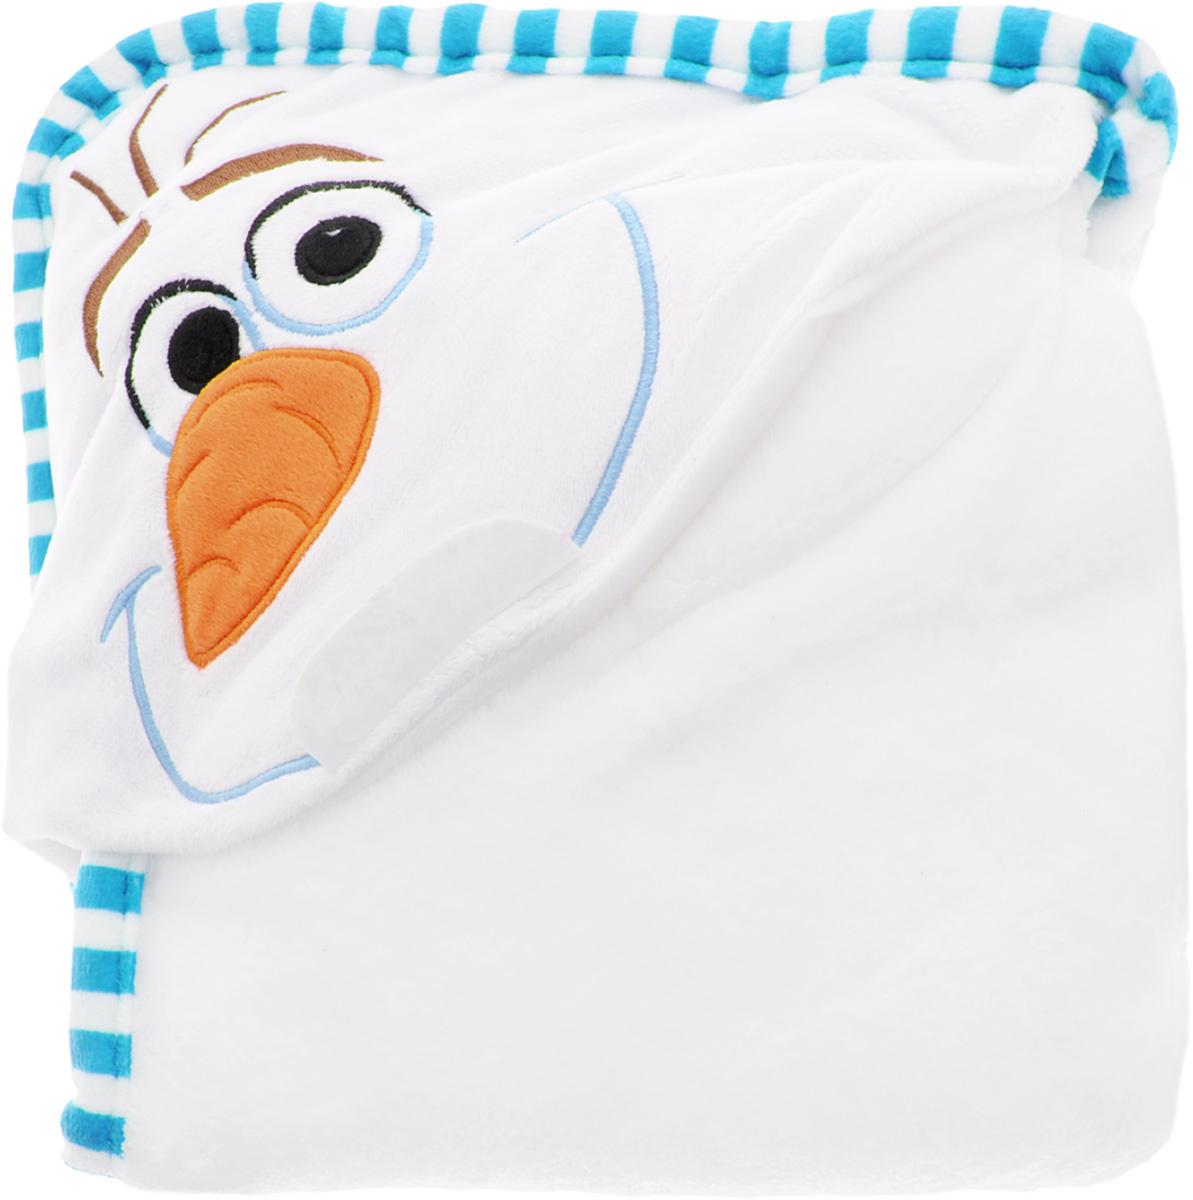 Disney Плед детский с капюшоном Olaf4444/пдДетский плед с капюшоном Disney Olaf - удивительная и многофункциональная вещь, от приобретения которой выиграют все. Родители - потому что получают для своих любимых чад тёплое и мягкое покрывальце. Дети - потому что мягкий плед может использоваться как накидка или пончо, а это отличная возможность преобразиться из мальчика или девочки в любимого героя. Данная текстильная продукция занимает высокие позиции на потребительском рынке благодаря своему оригинальному дизайну и безопасным материалам.